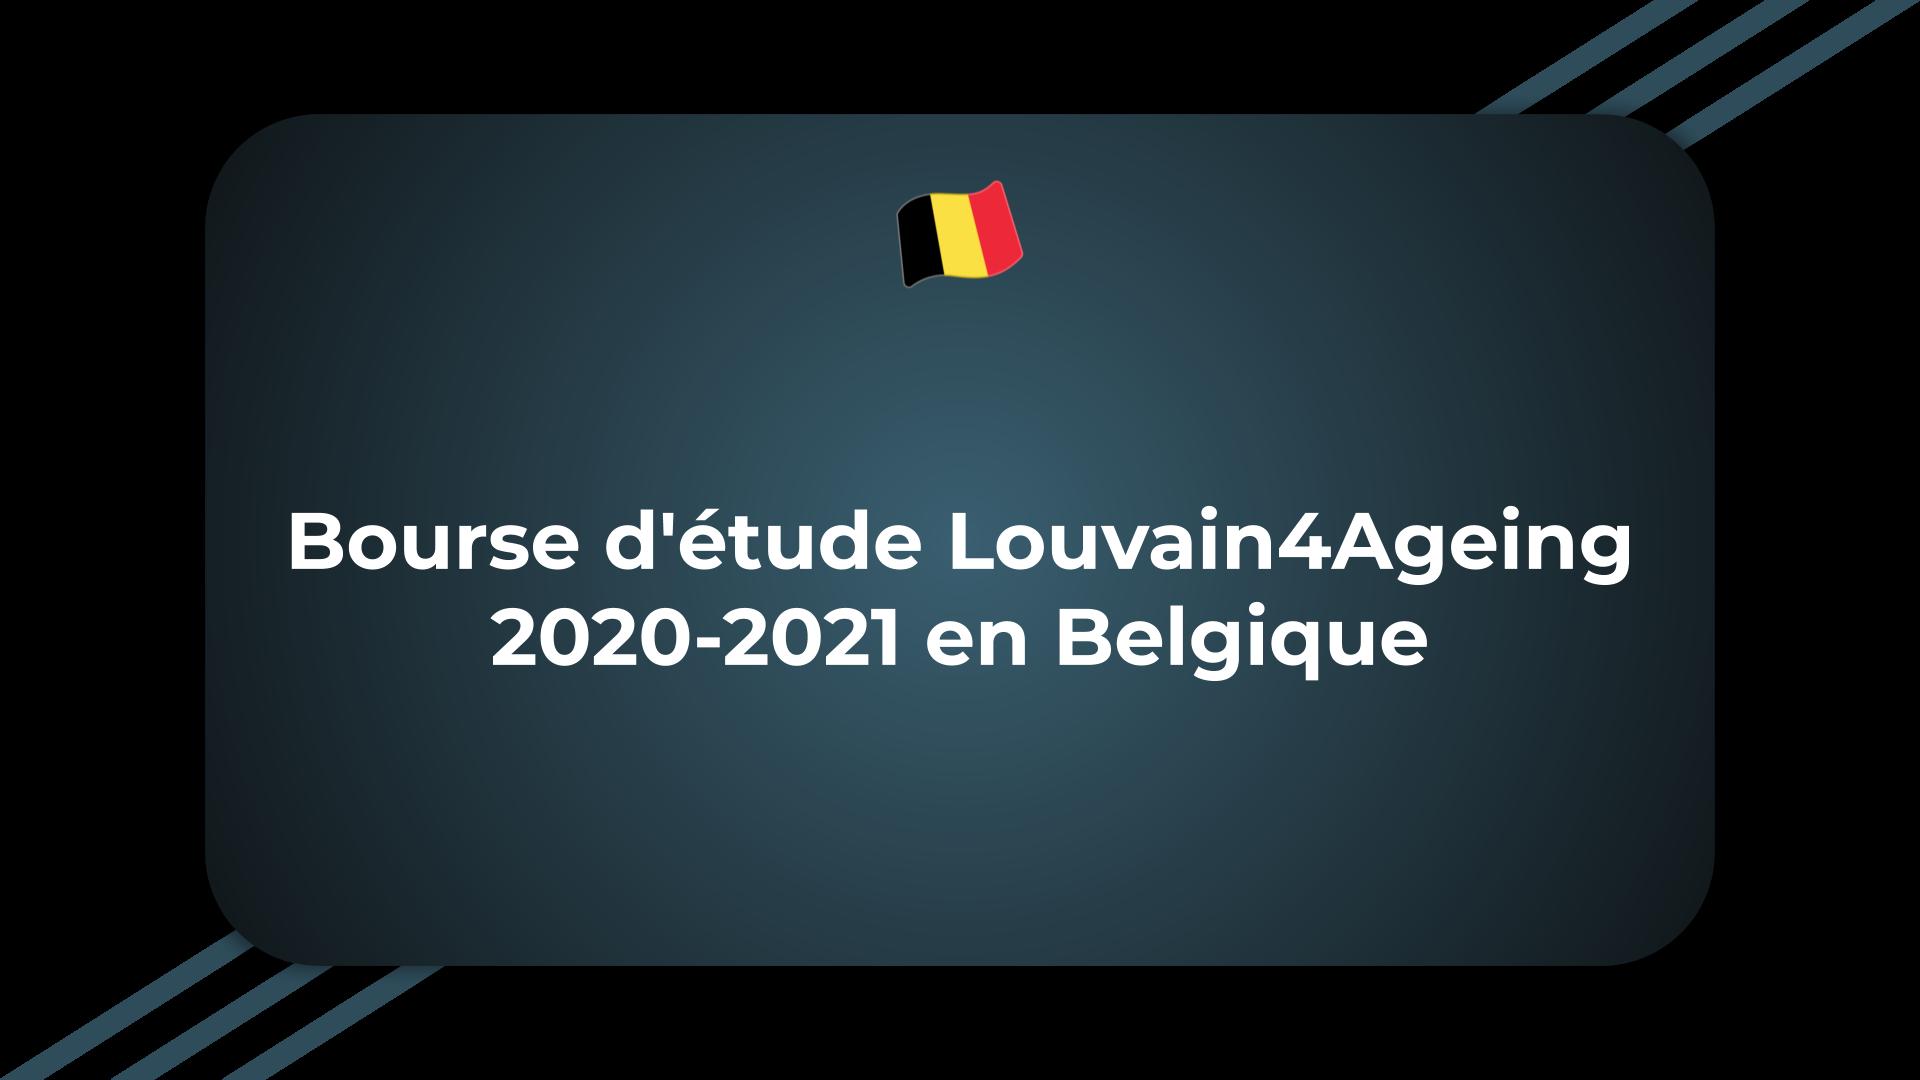 Bourse d'étude Louvain4Ageing